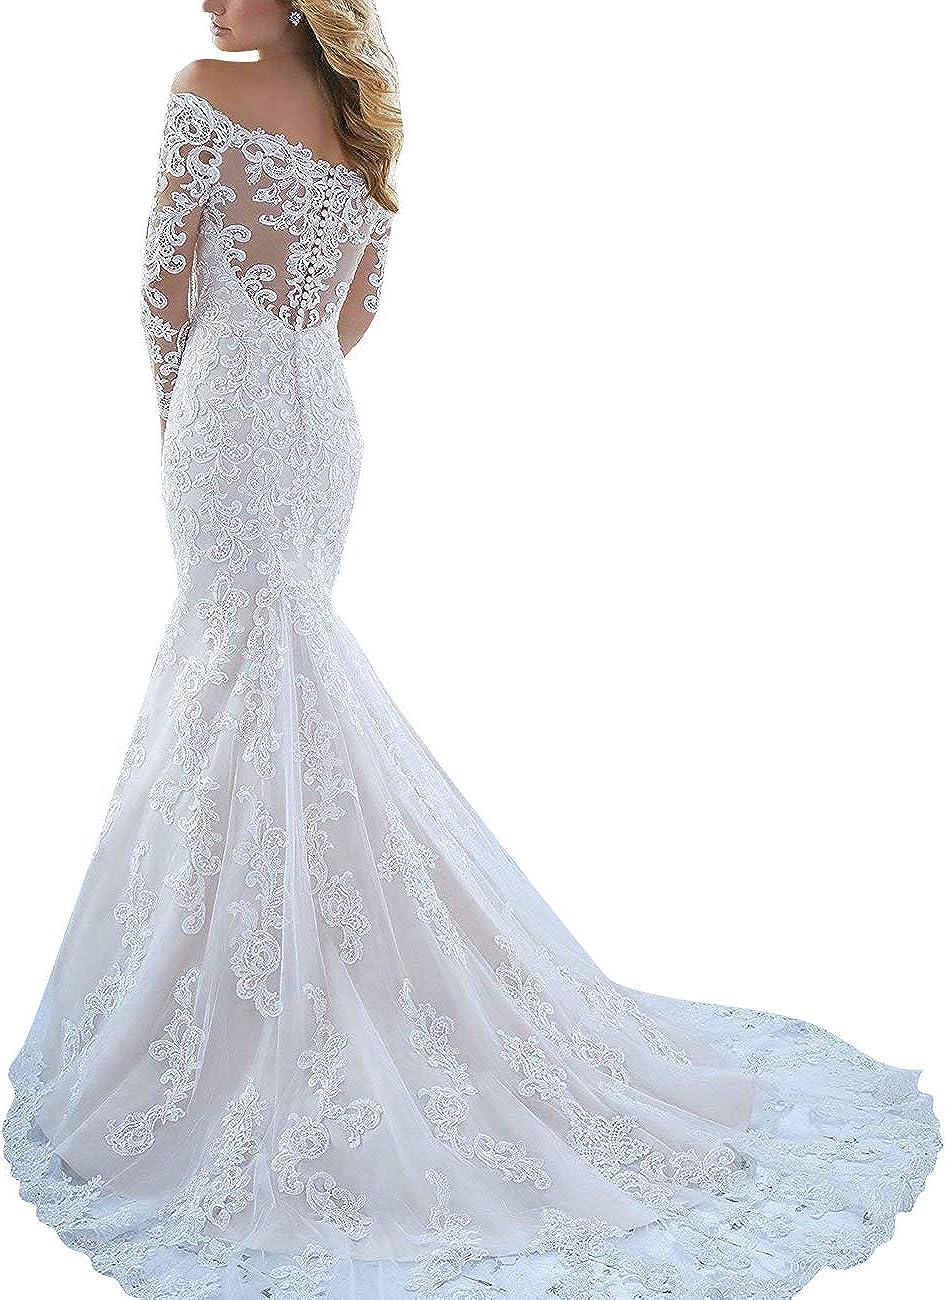 VKStar® Robe Epaules Dénudées Dentelle Soirée Robe de Mariée Princesse Manches Longues Robe Mariage Sirène Femme Longue Ivoire